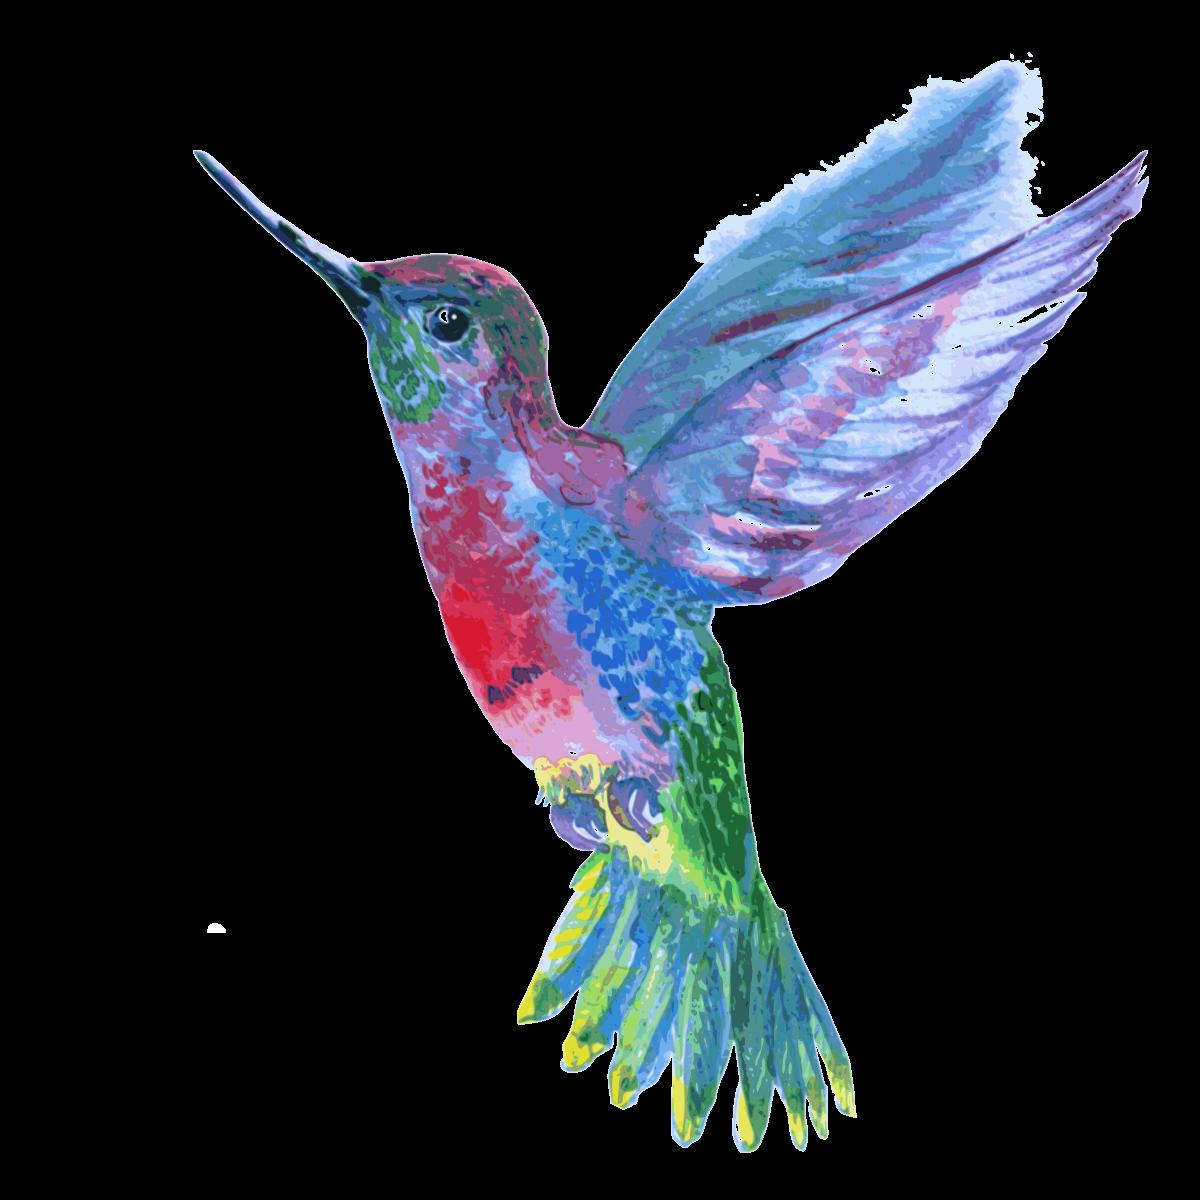 Hummingbird Png Hummingbird Painting Hummingbird Colors Hummingbird